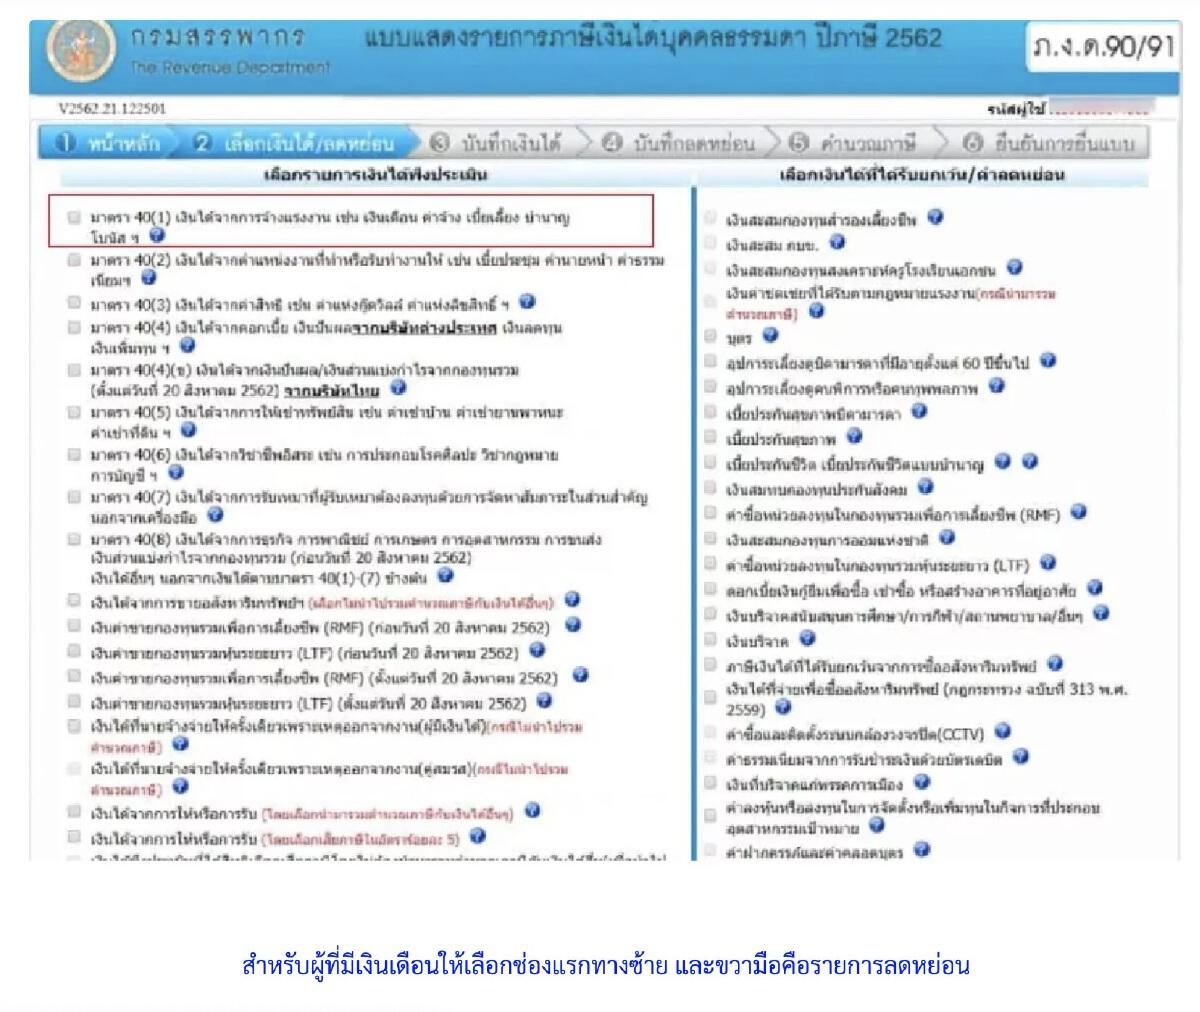 ยื่นภาษีออนไลน์ 2564  ภงด.91 ลดหย่อนภาษีเงินได้ฯ www.rd.go.th